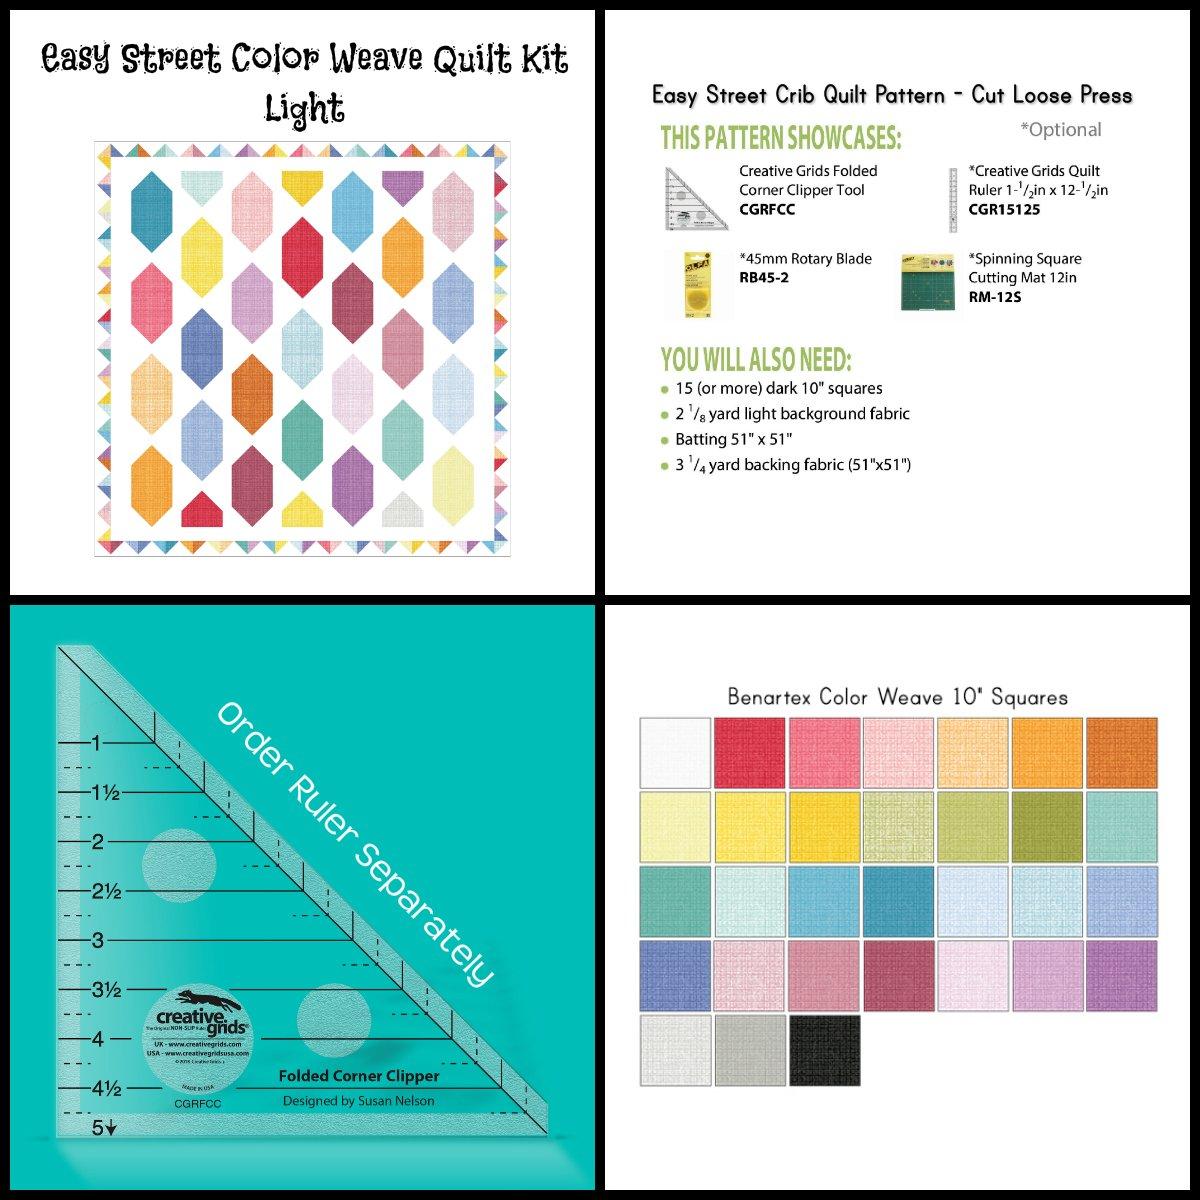 Easy Street Color Weave Quilt Kit (45 x 45) -- Light